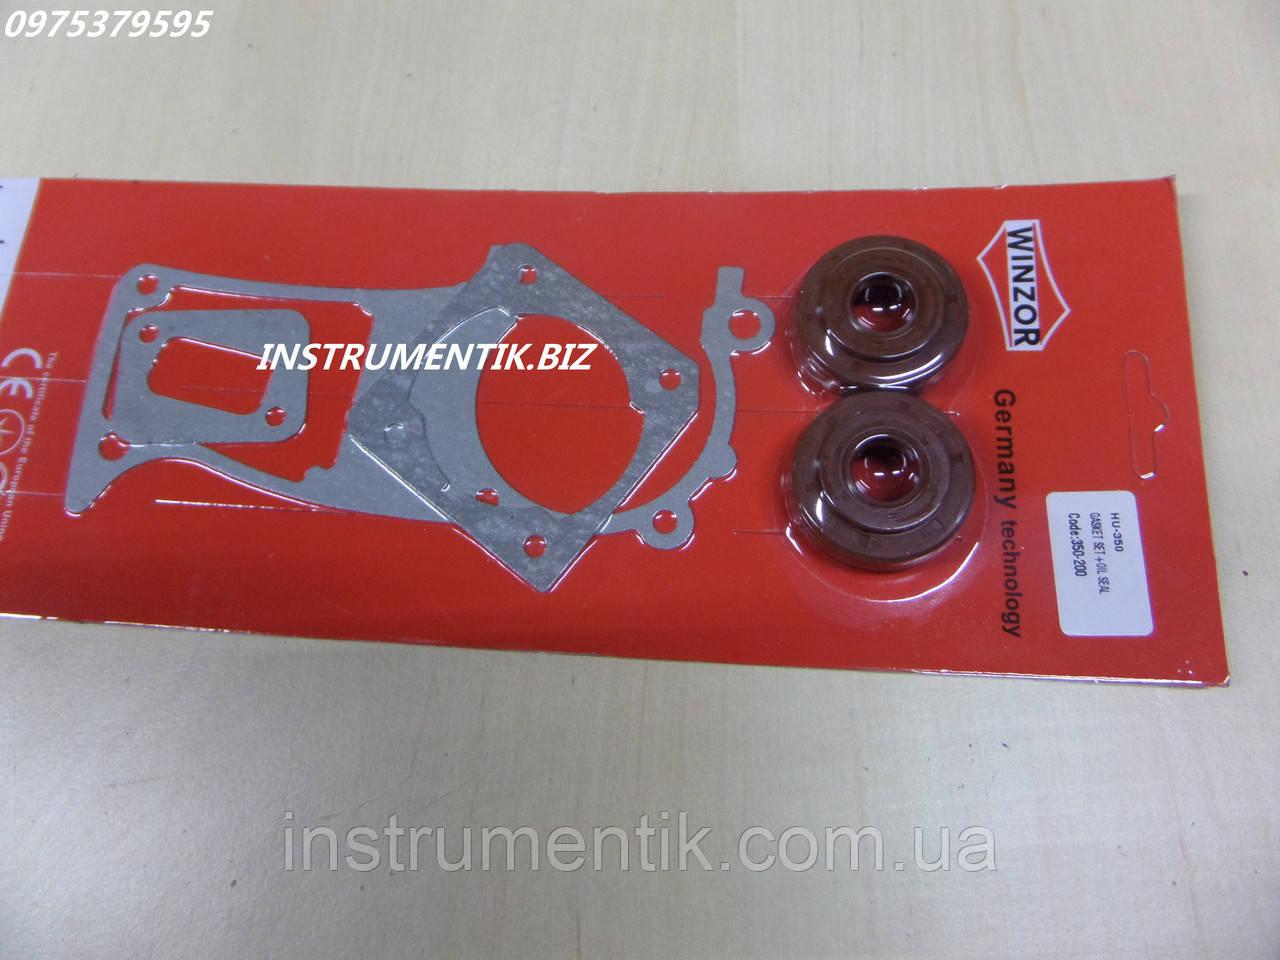 Набір прокладок з сальниками winzor для Husqvarna 340,340 e,345,345 e